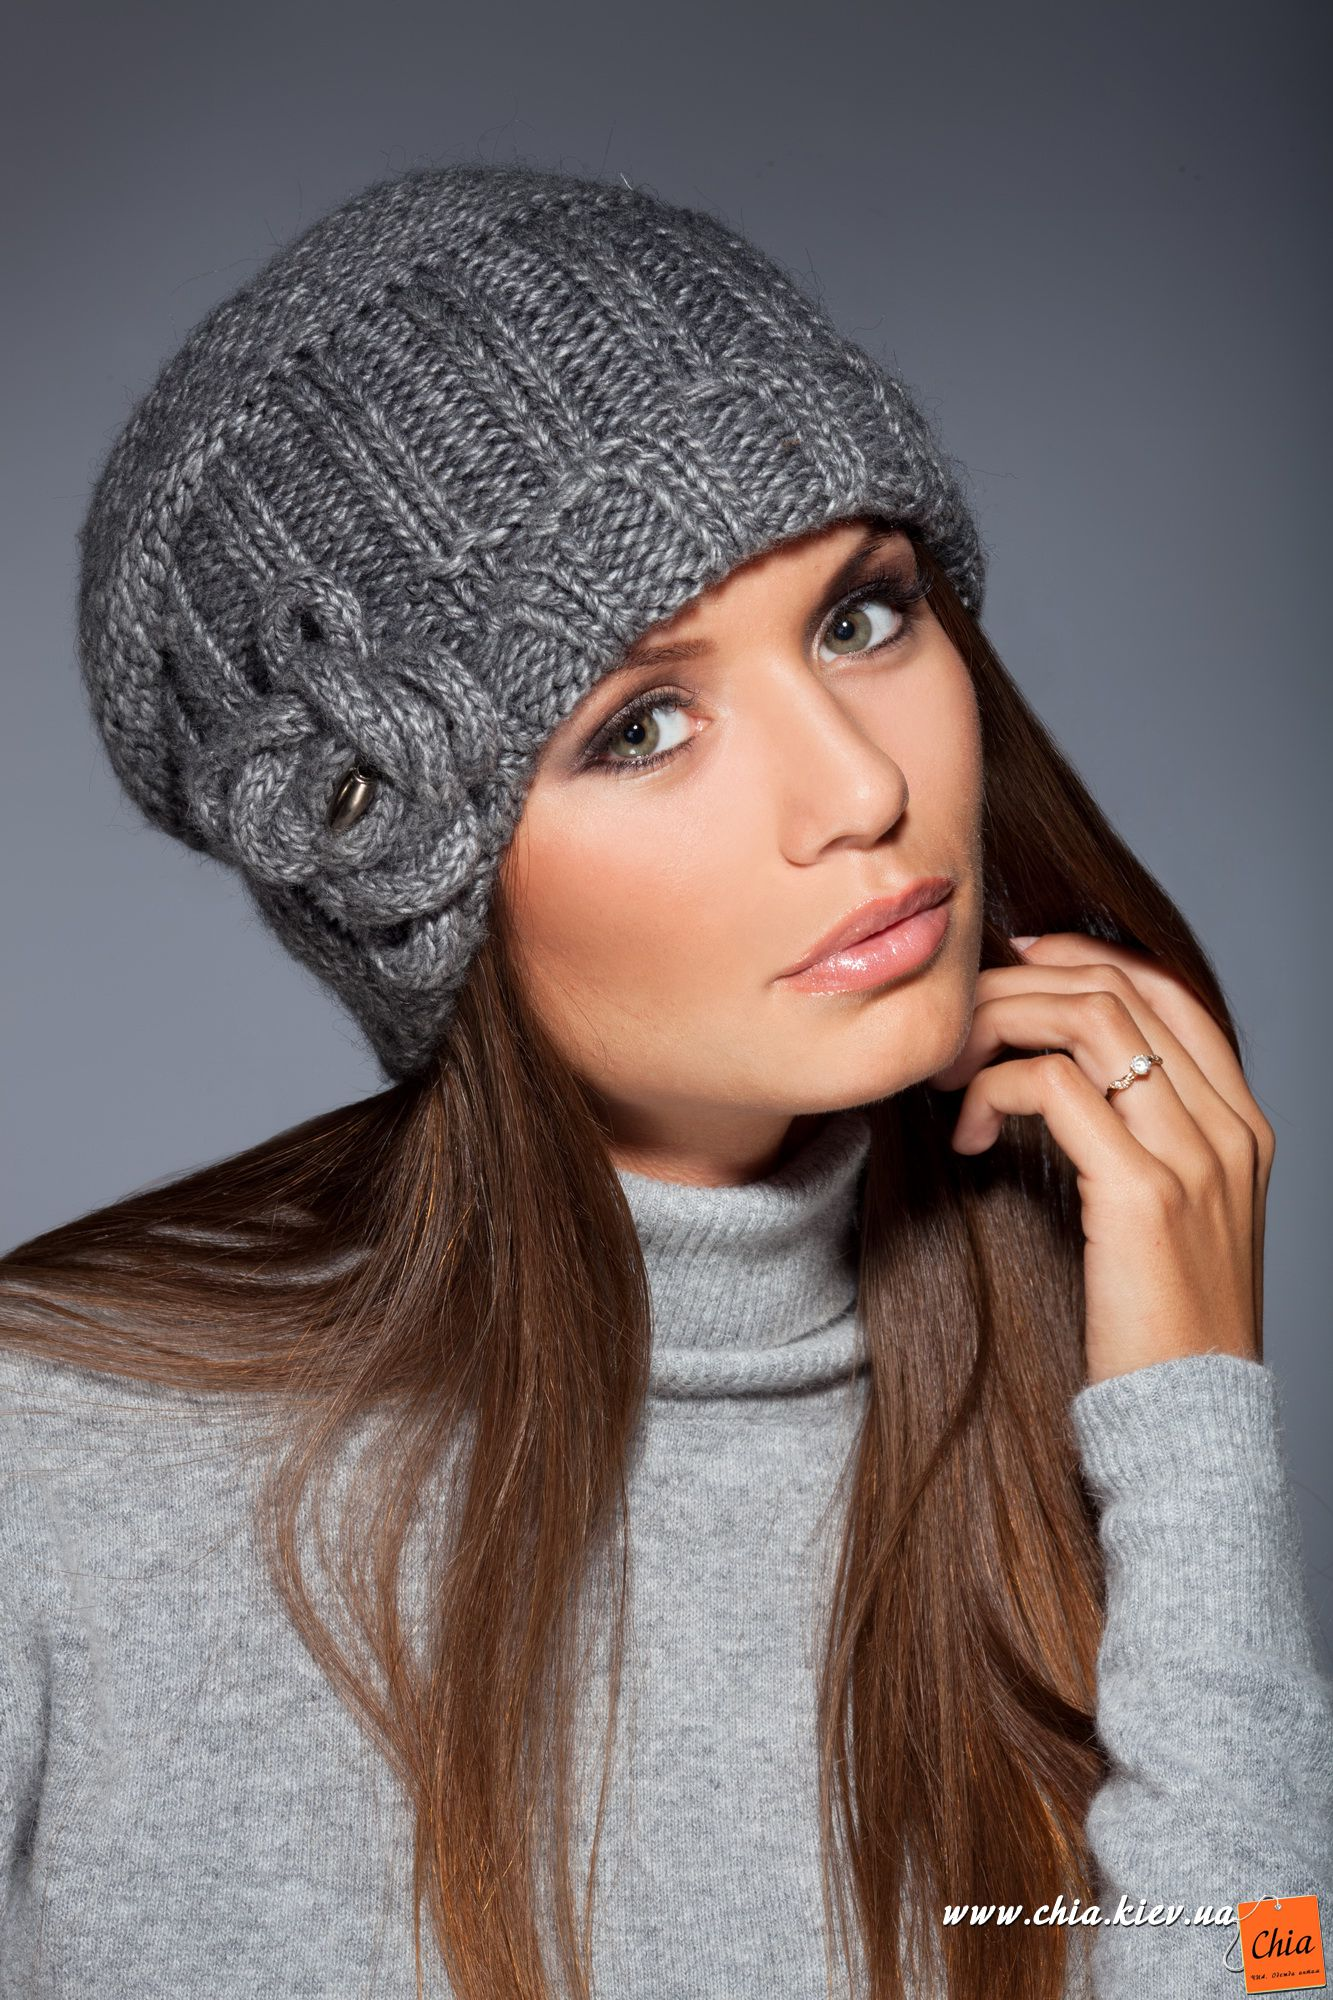 Вязанные шапки женские зима 2015 2016 своими